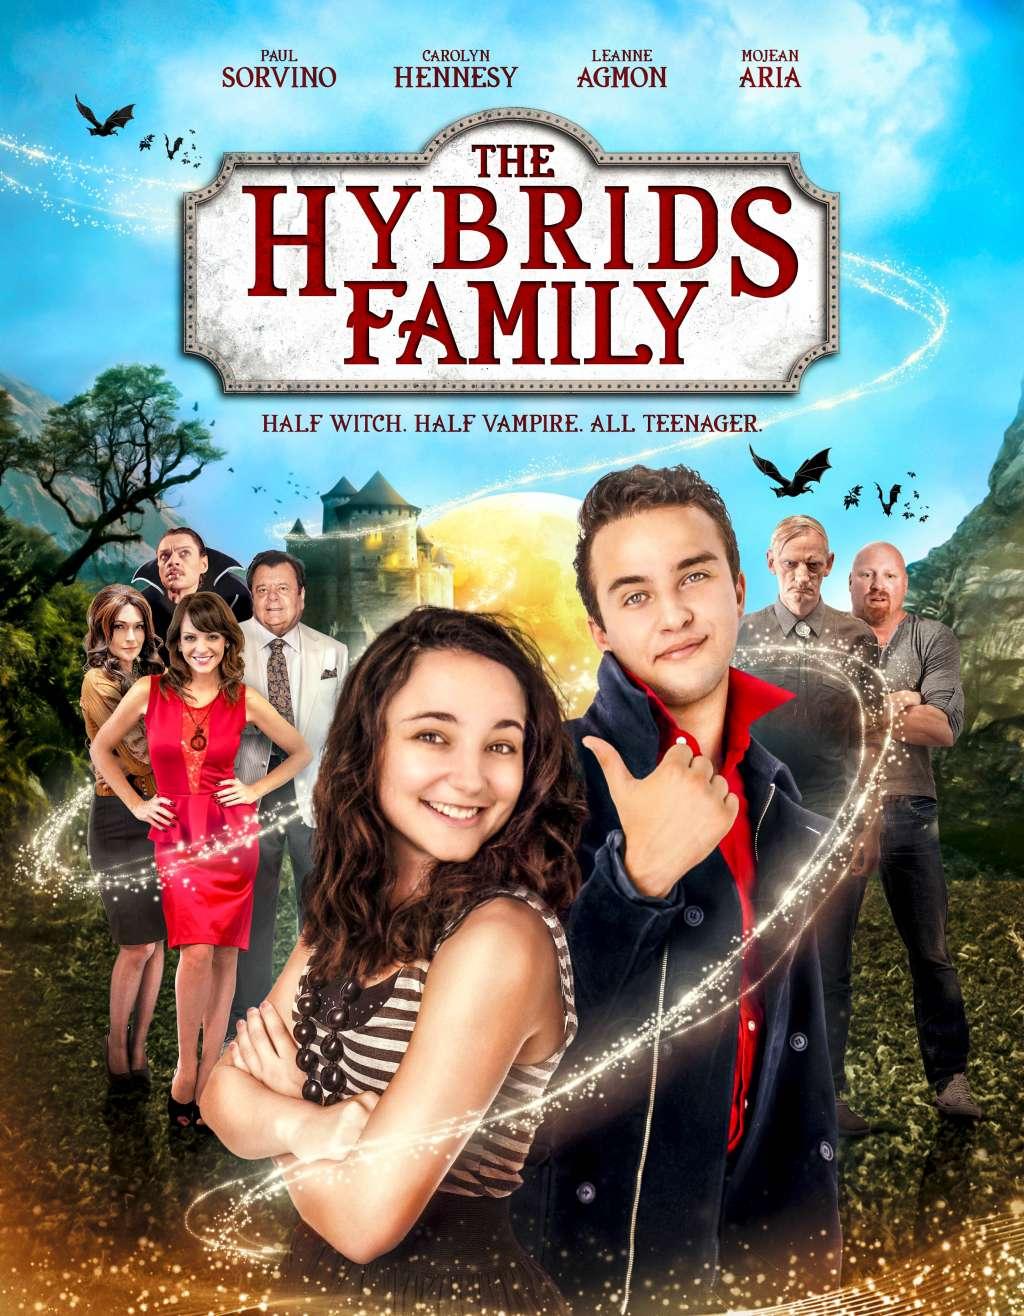 The Hybrids Family kapak